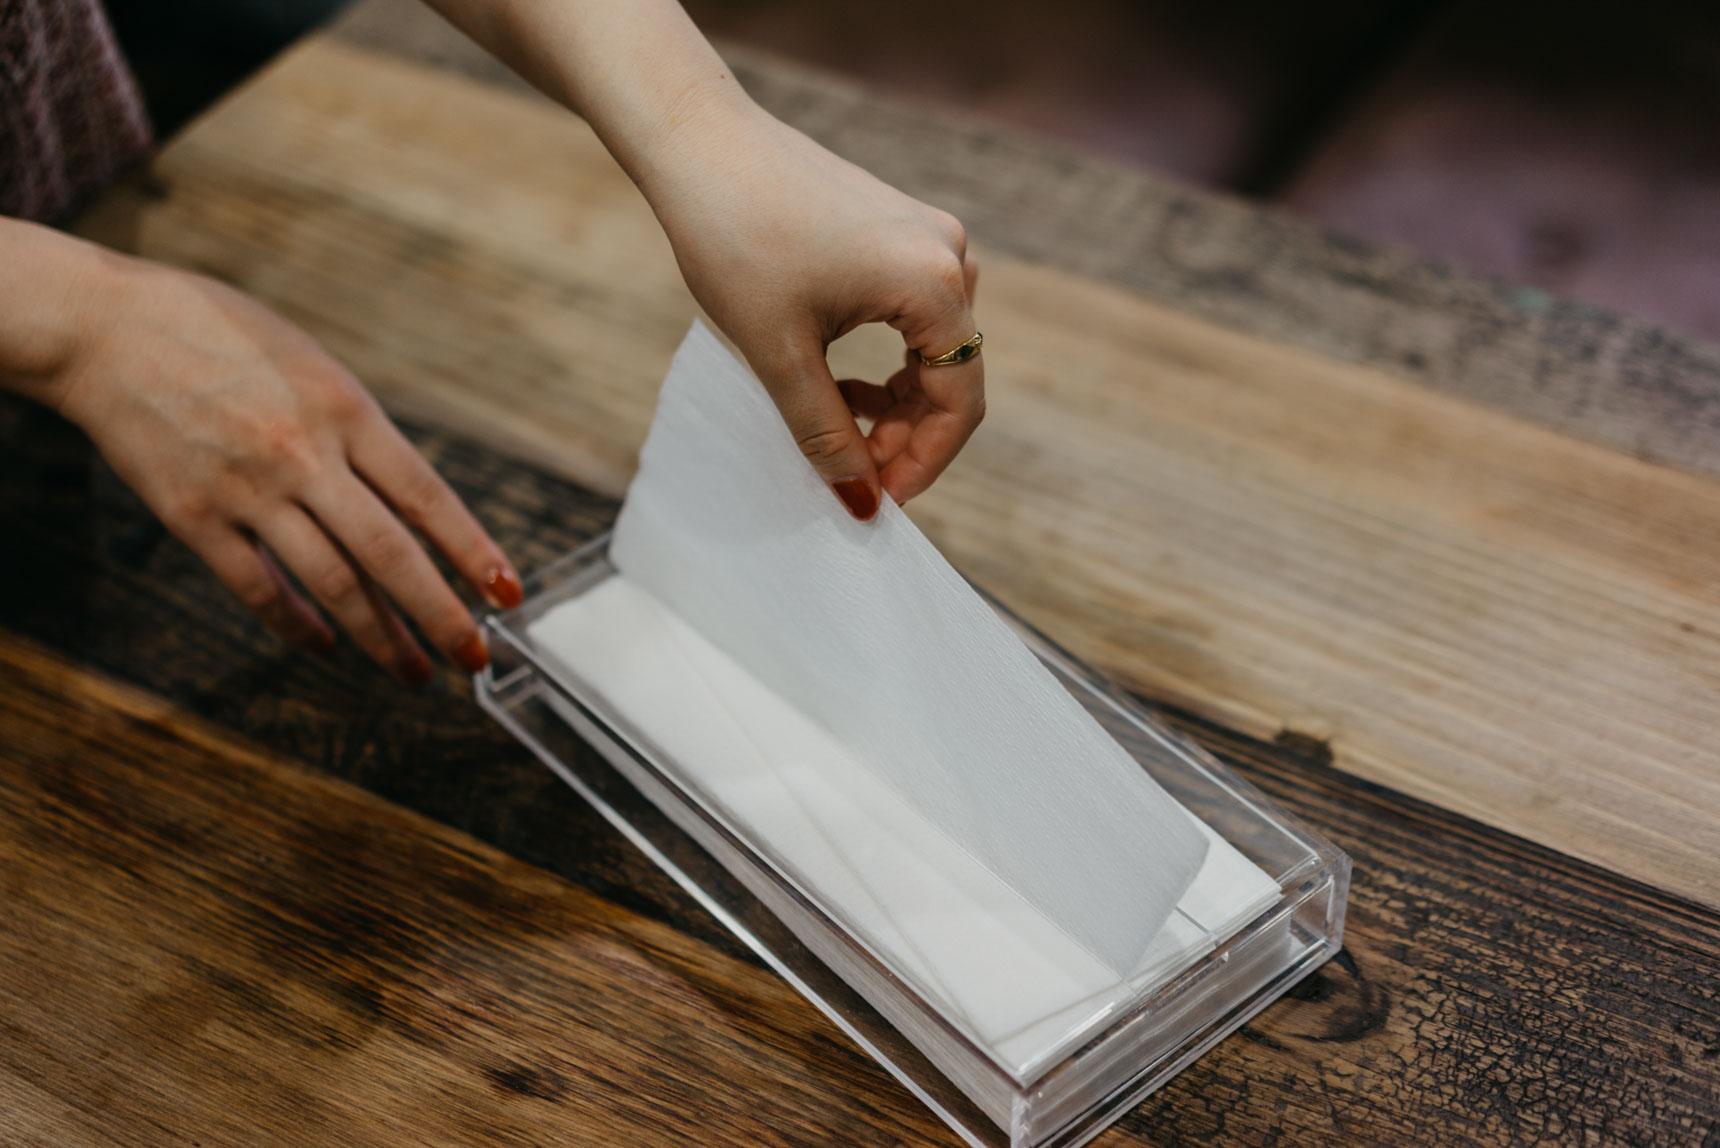 片手で1枚ずつ取り出せるから、ちょっと拭きたい時にとても便利。